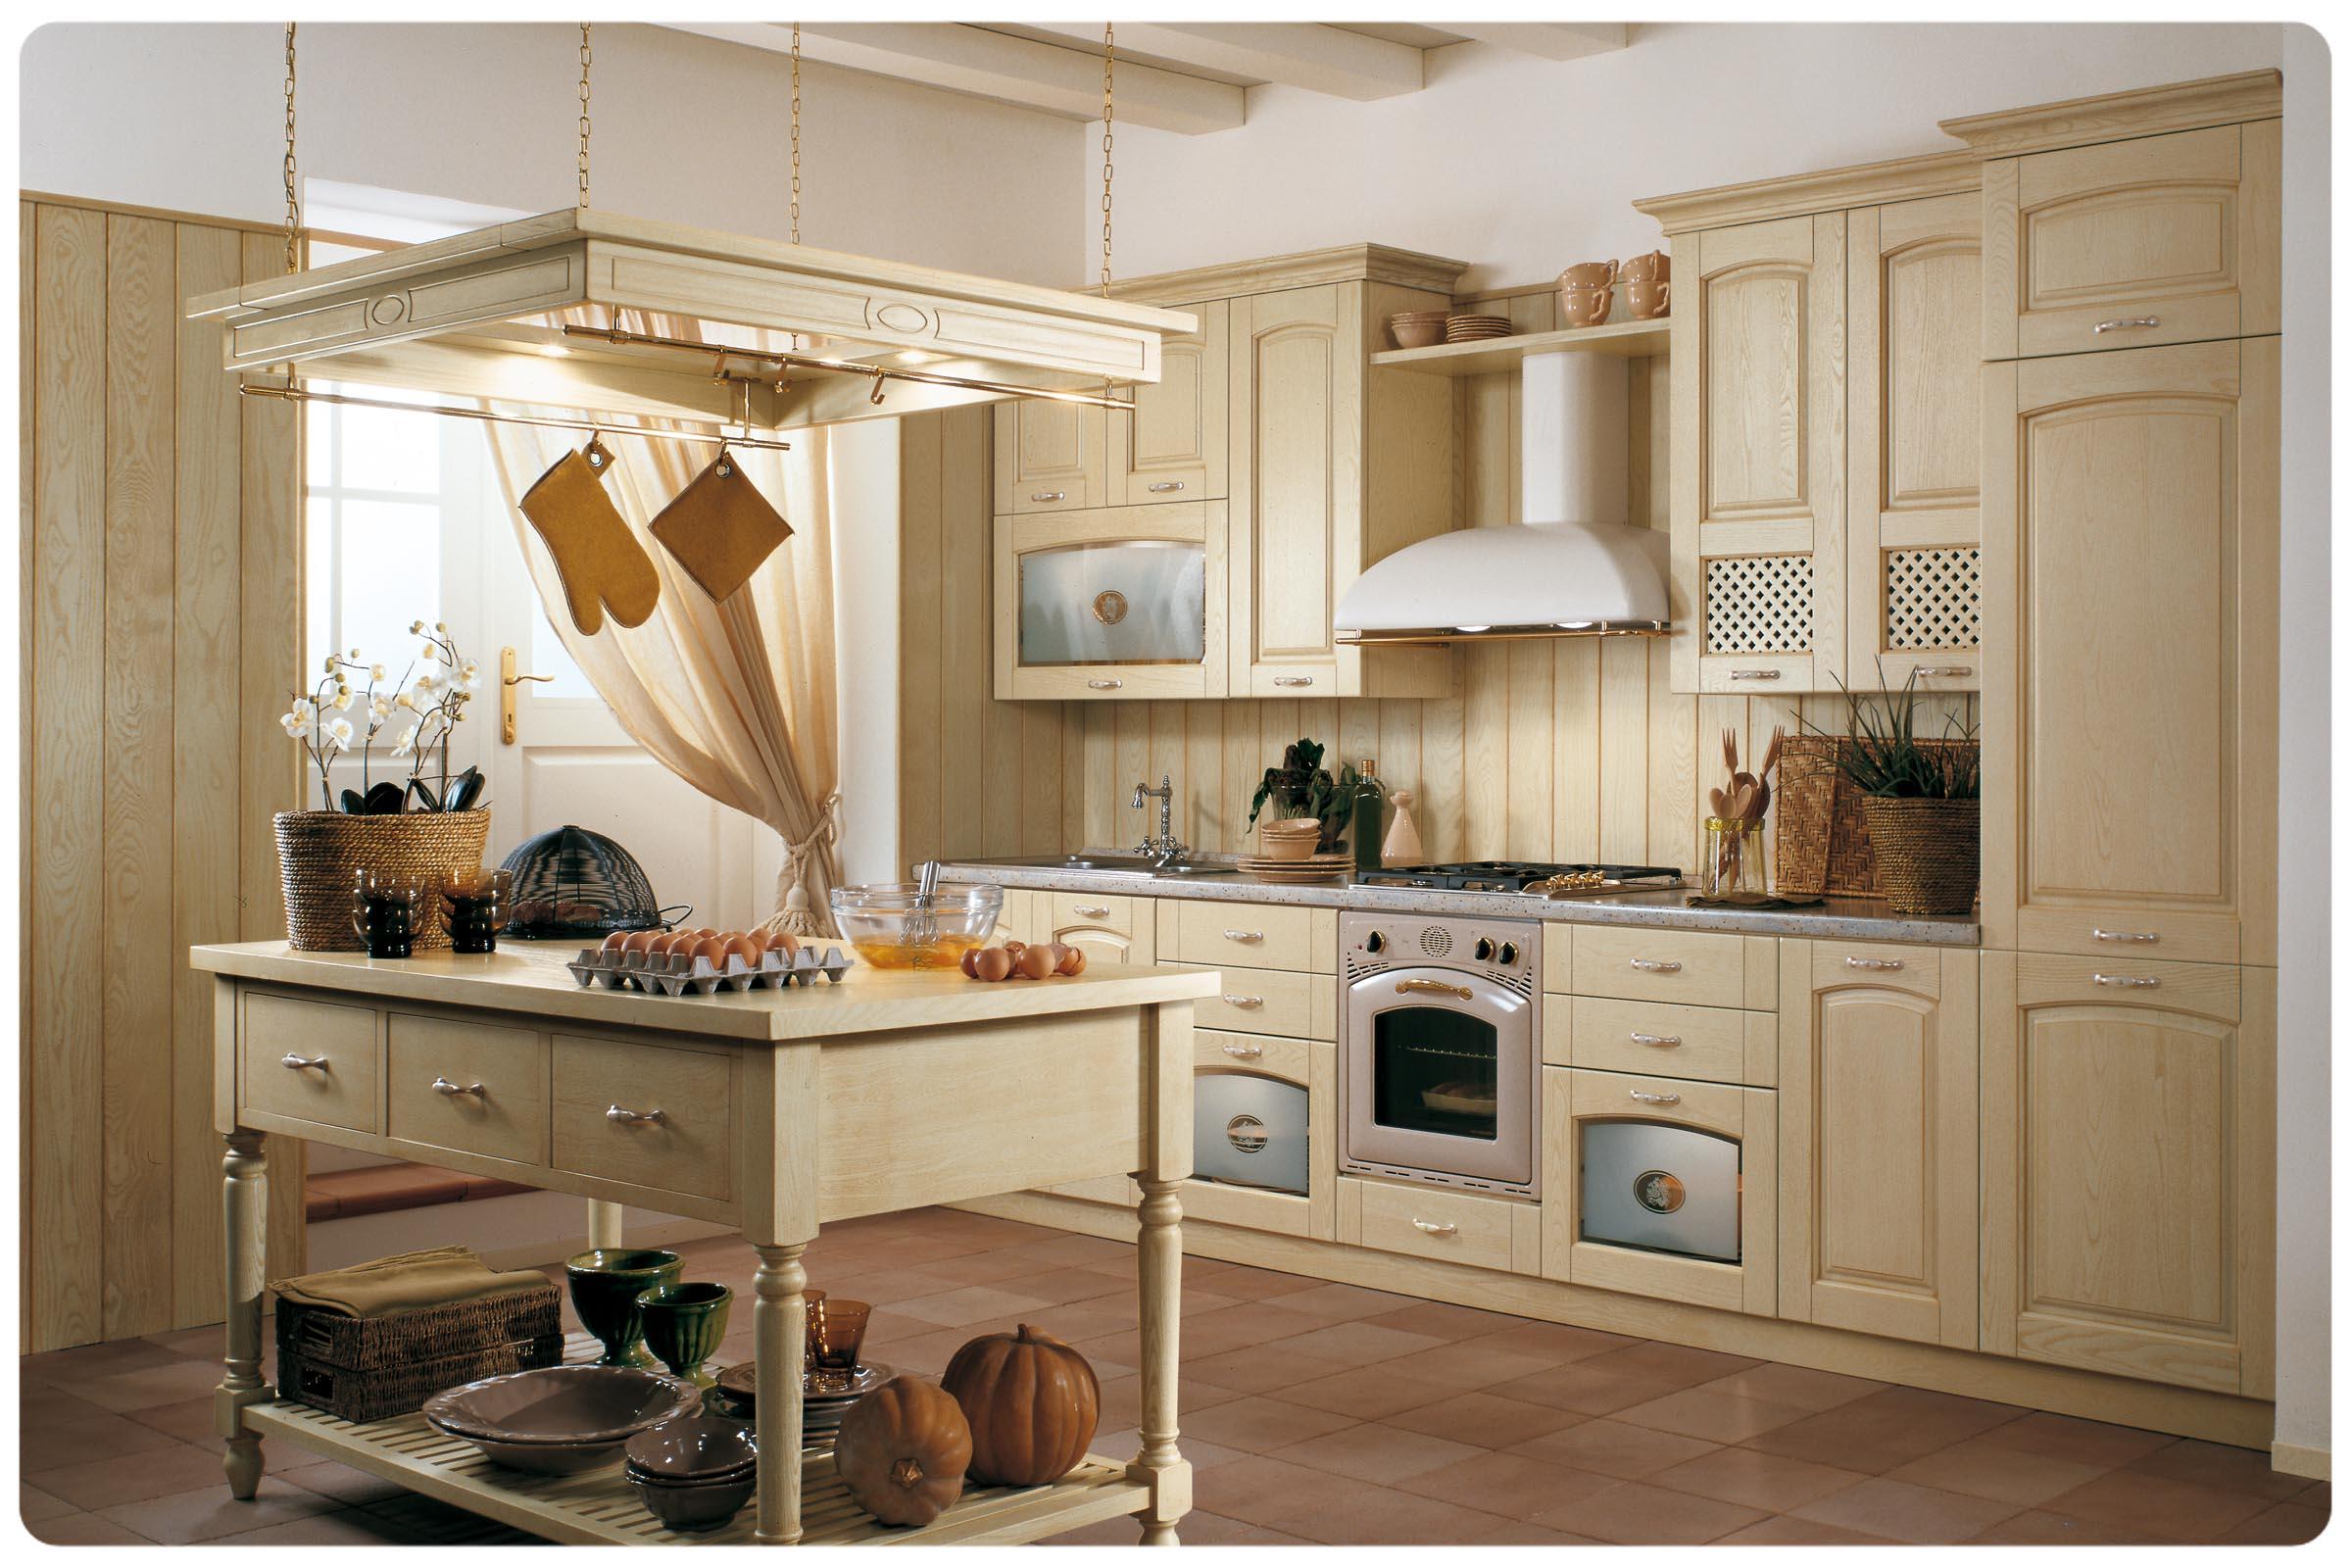 Cucine componibili in stile classico e contemporaneo - Cucine classiche immagini ...